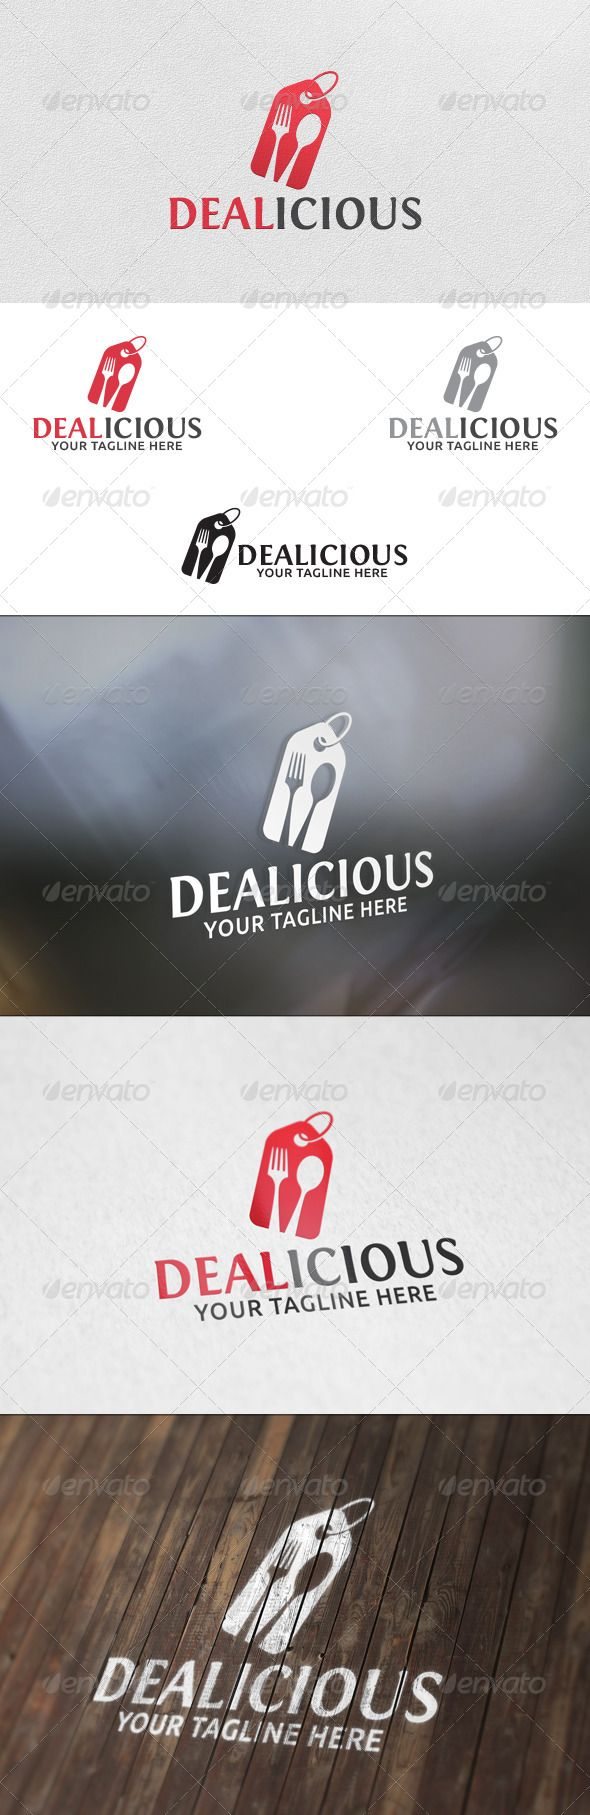 Dealicious - Logo Template